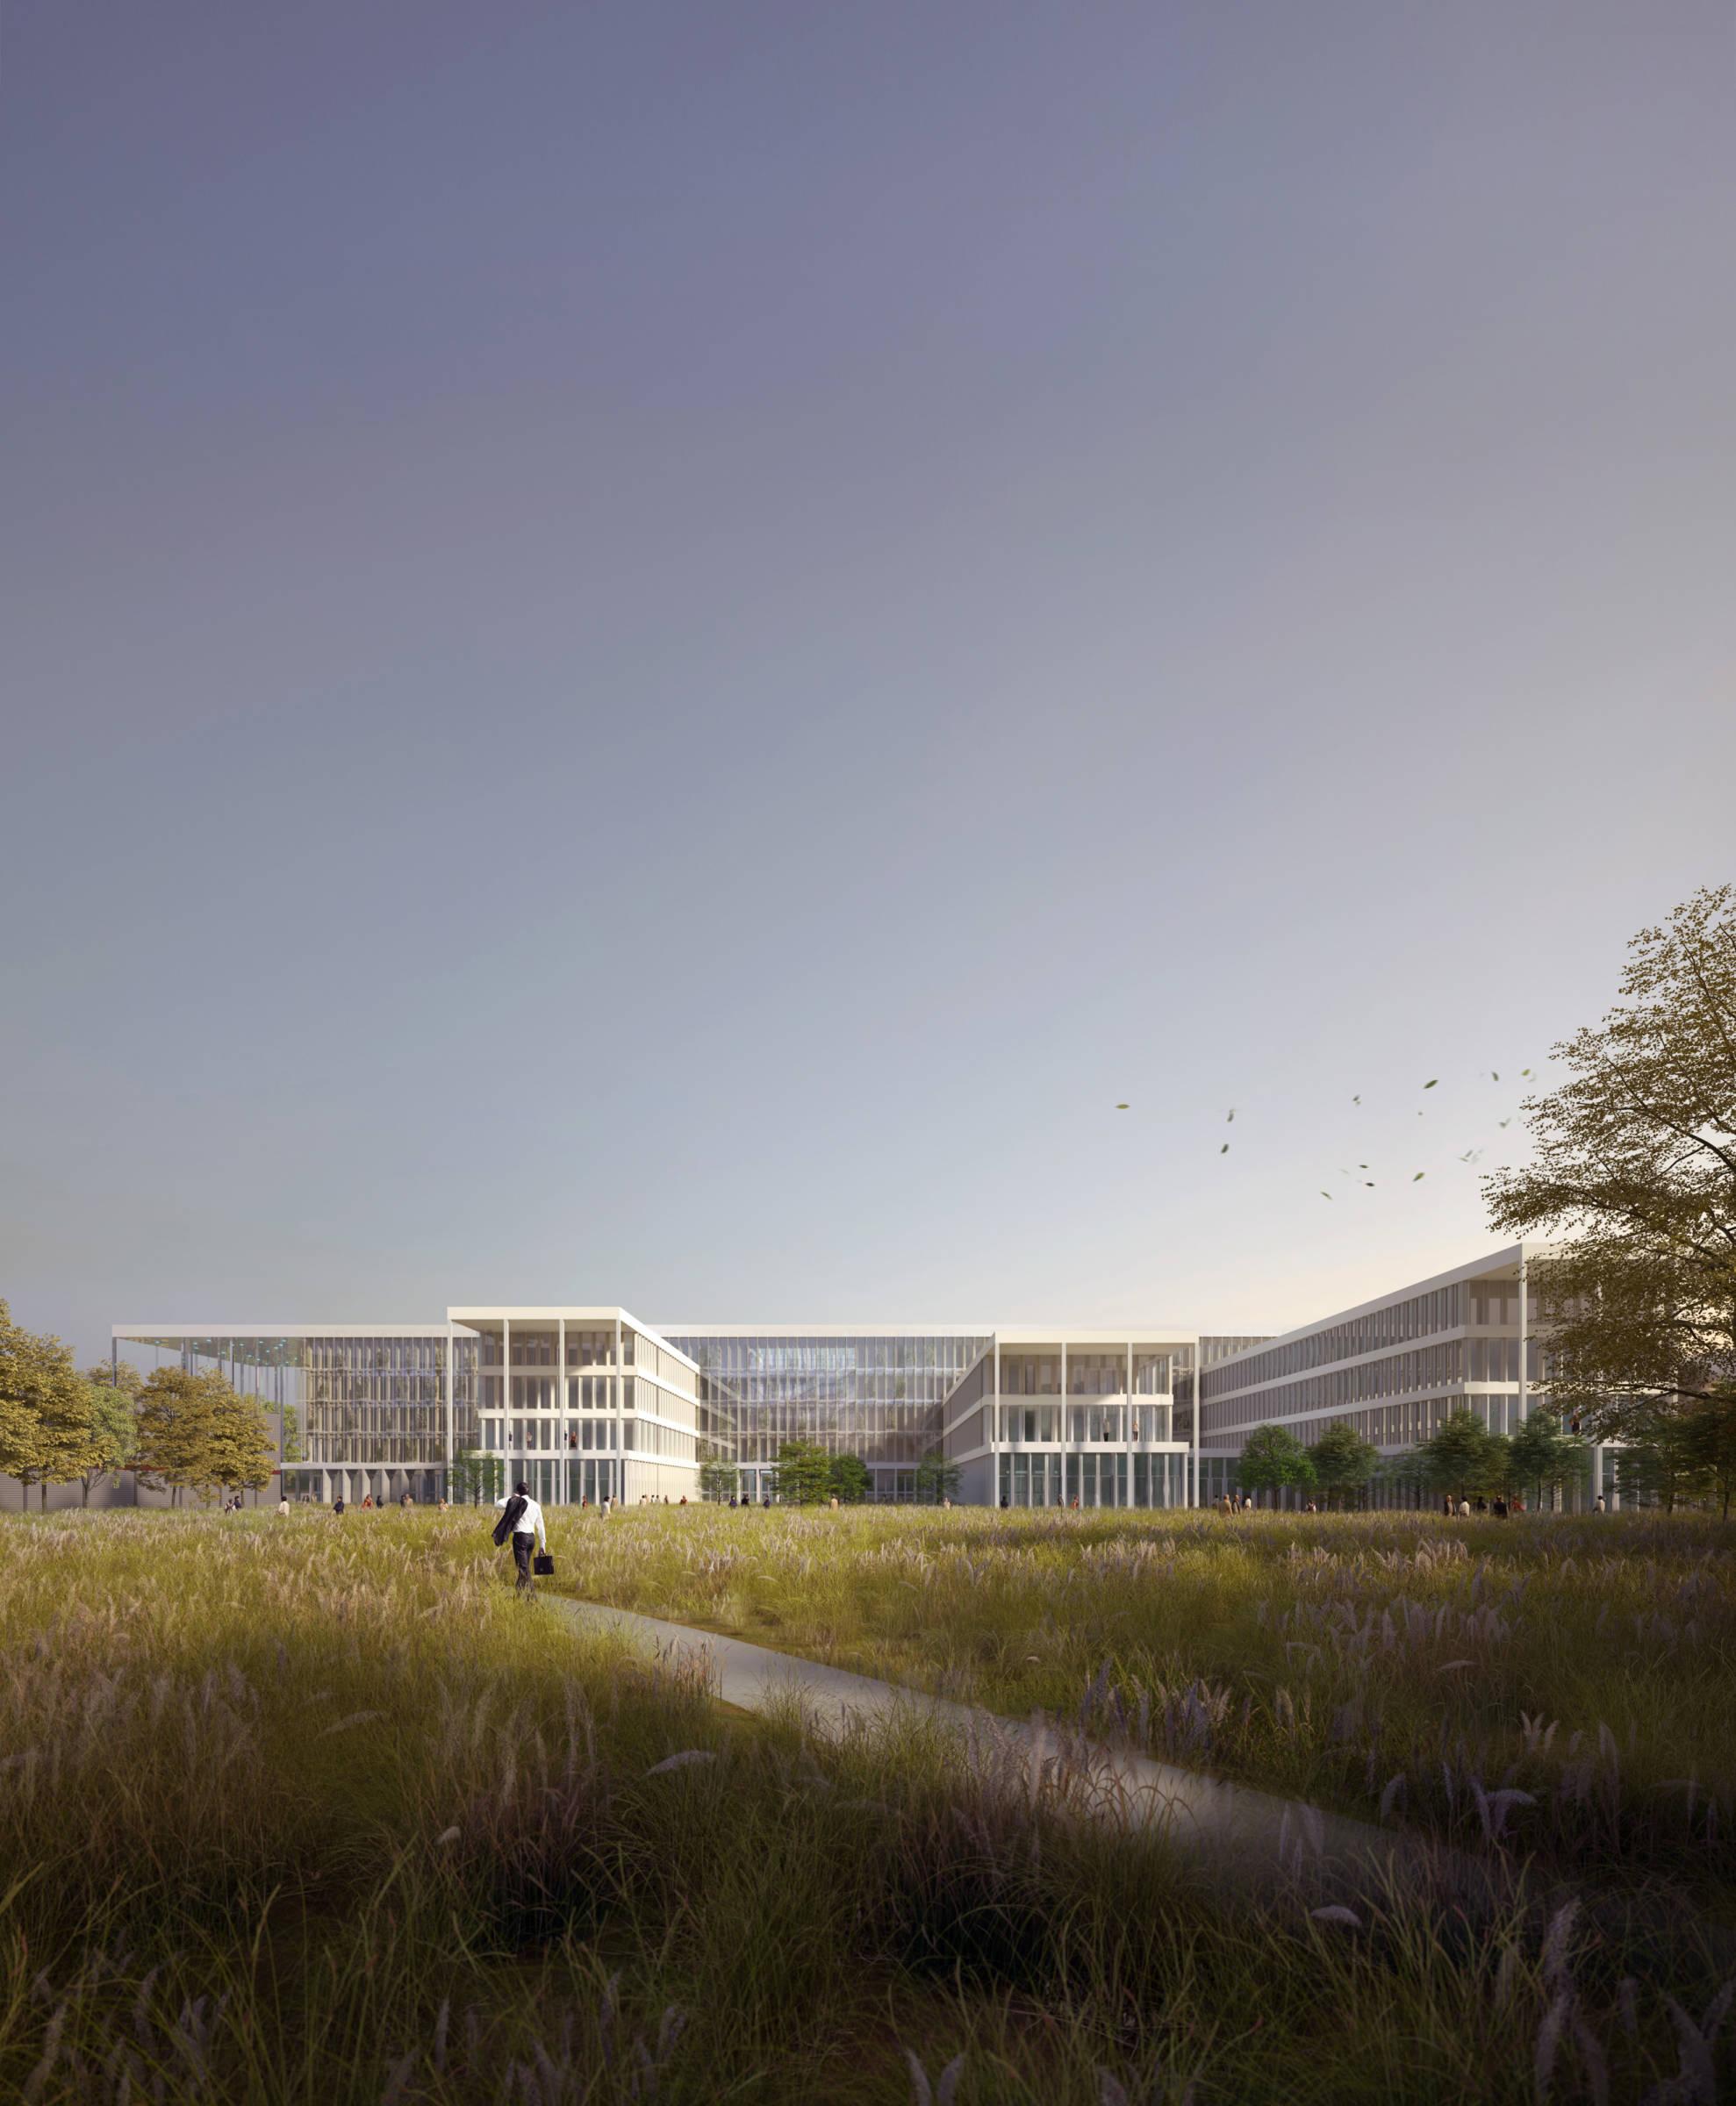 Architecture Rhône Alpes - Campus technologique et d'innovation City lights_Architecture Rhône-Alpes_Groupe-6